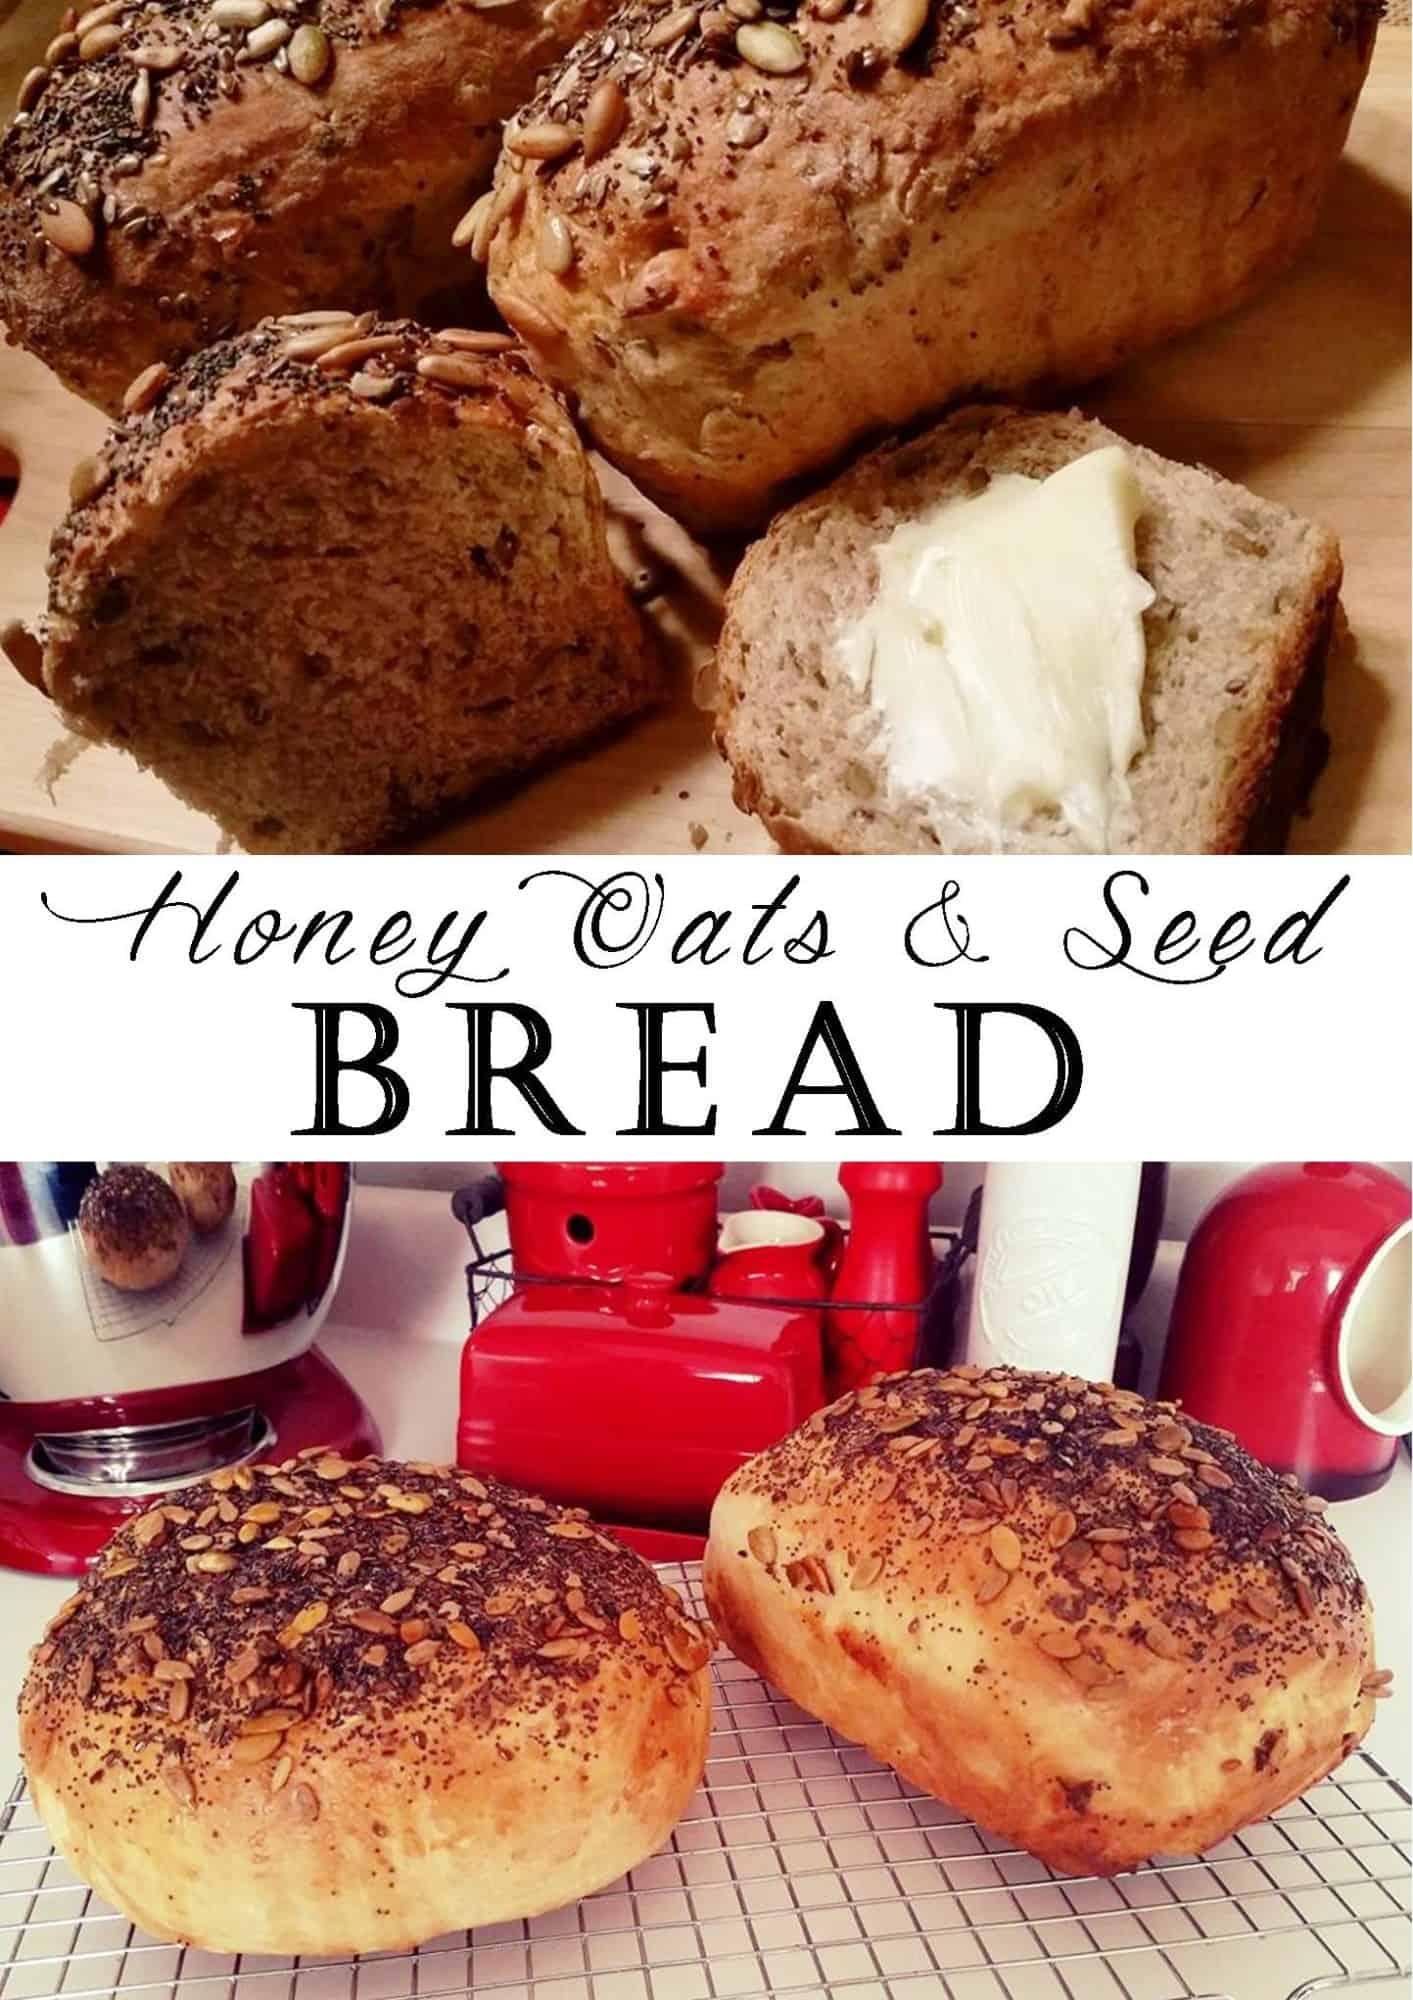 Honey & Oats Seed Bread